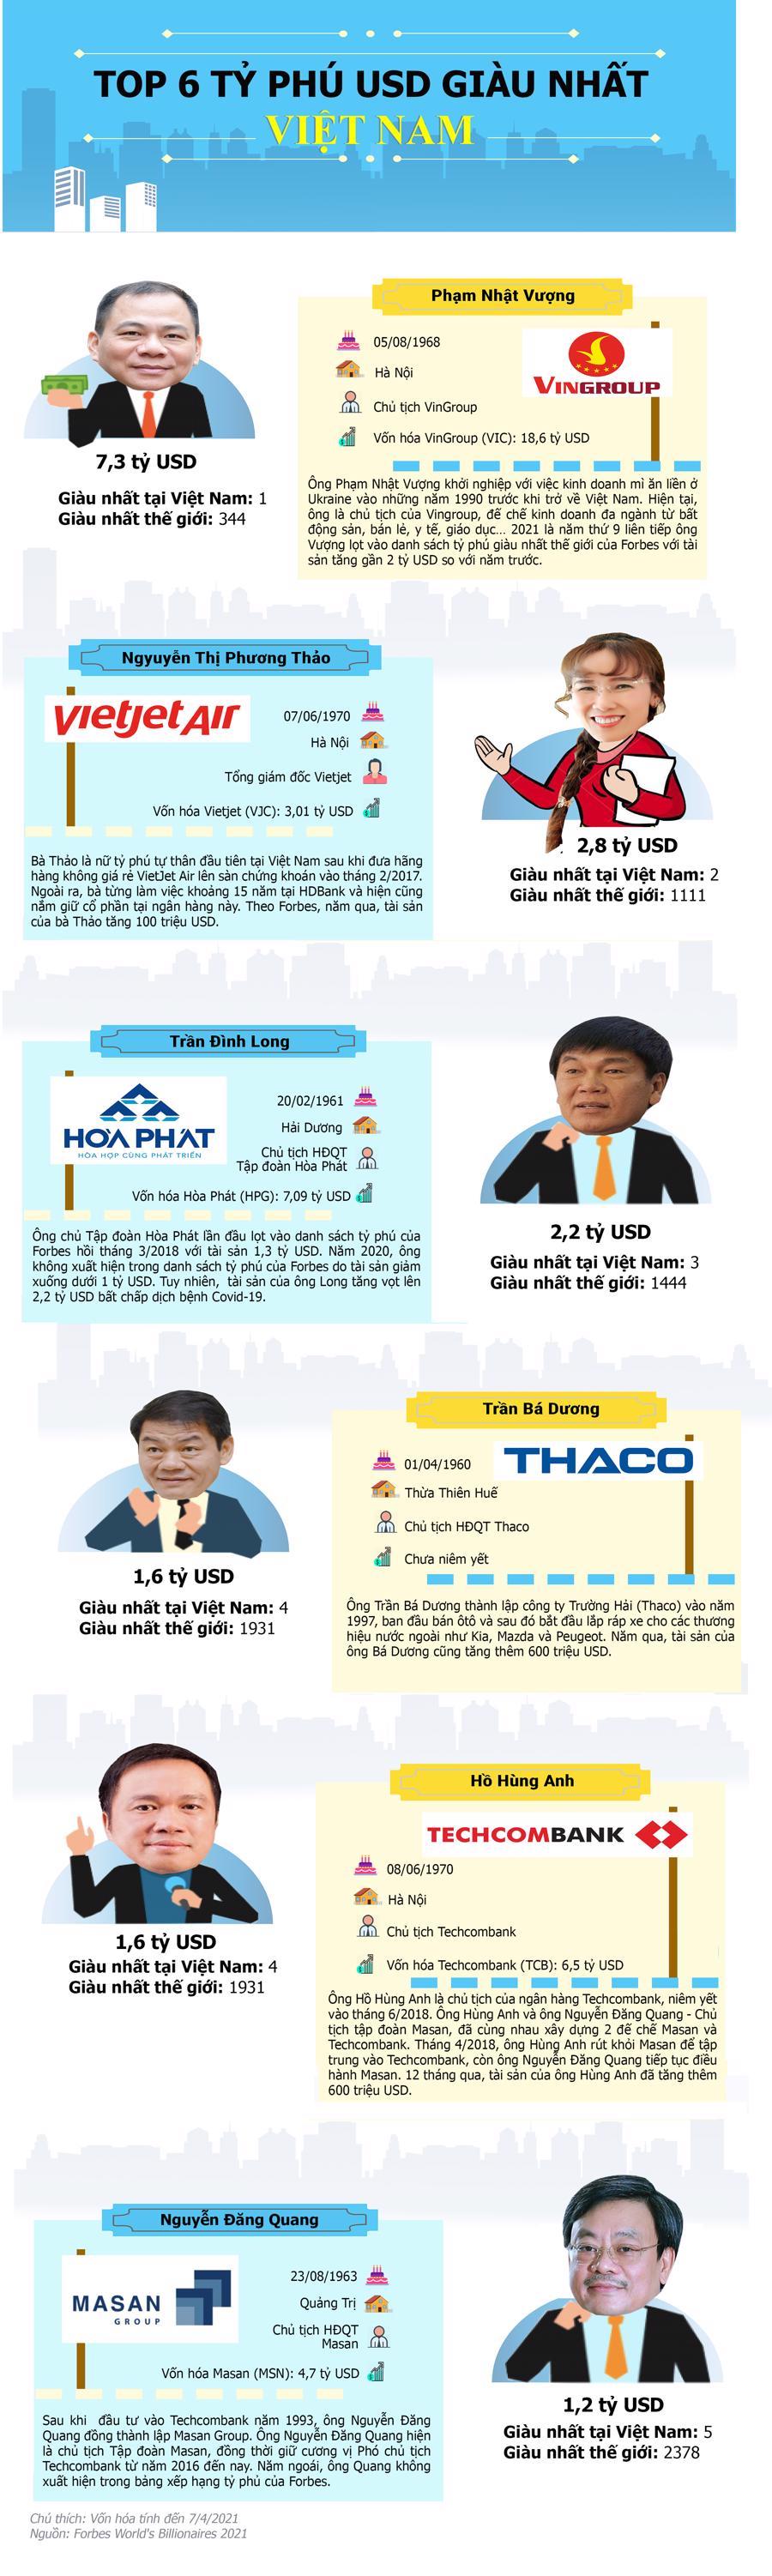 6 tỷ phú giàu nhất Việt Nam sở hữu tổng tài sản 16,5 tỷ USD - Ảnh 1.